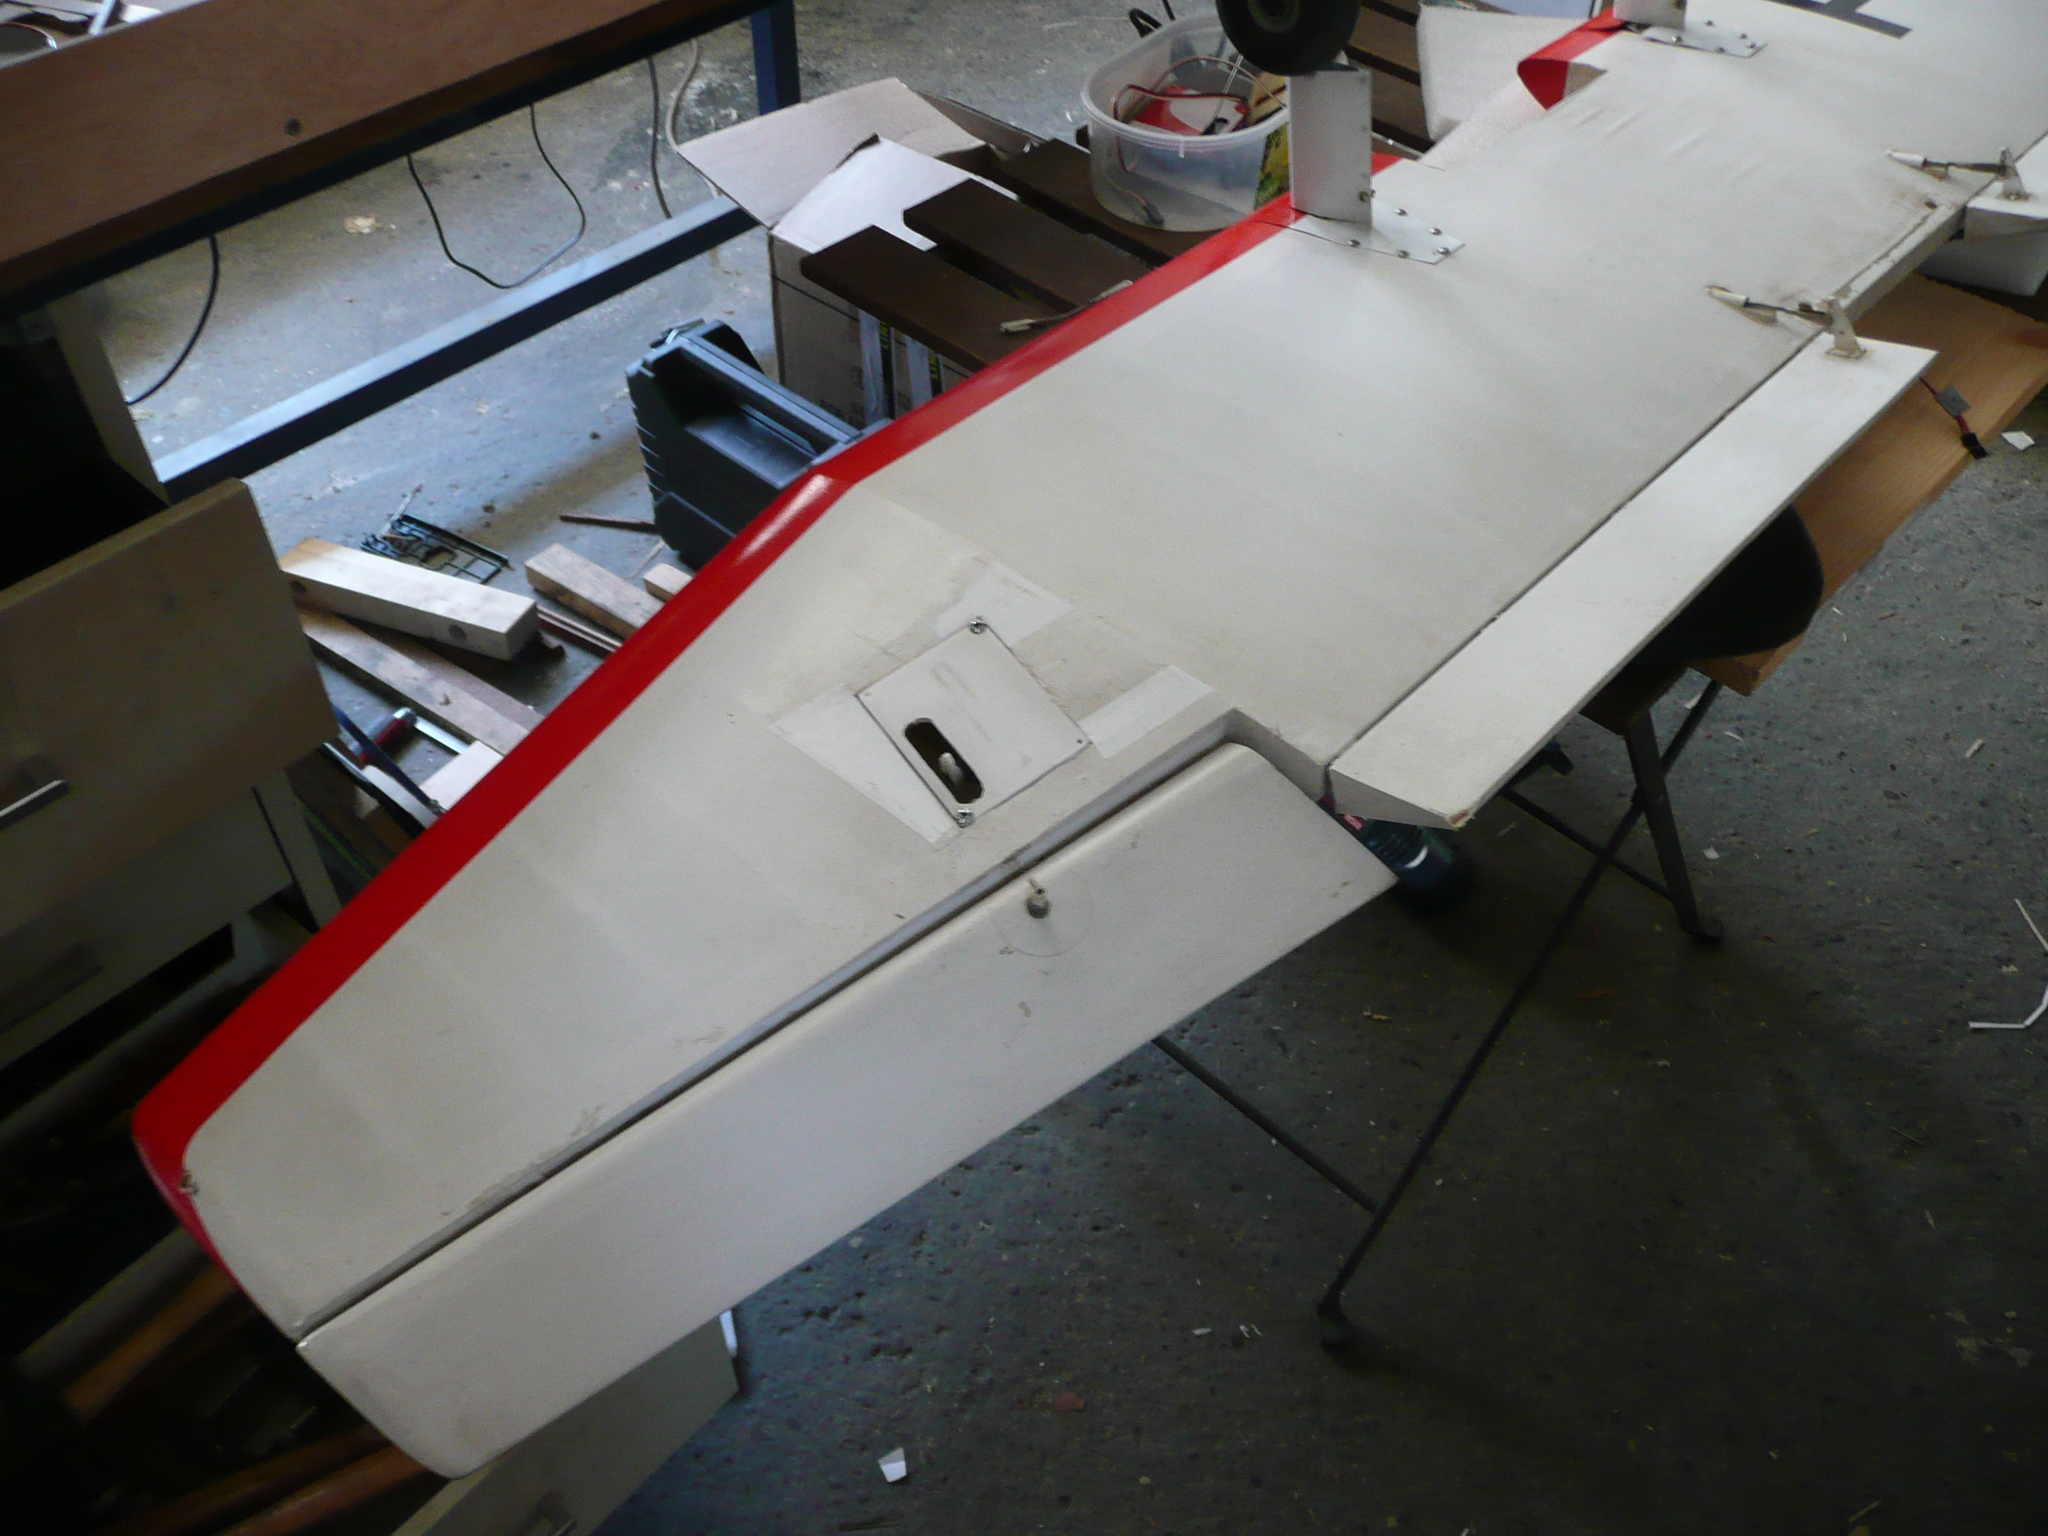 Remplacement du servo unique par 1 servo par aileron